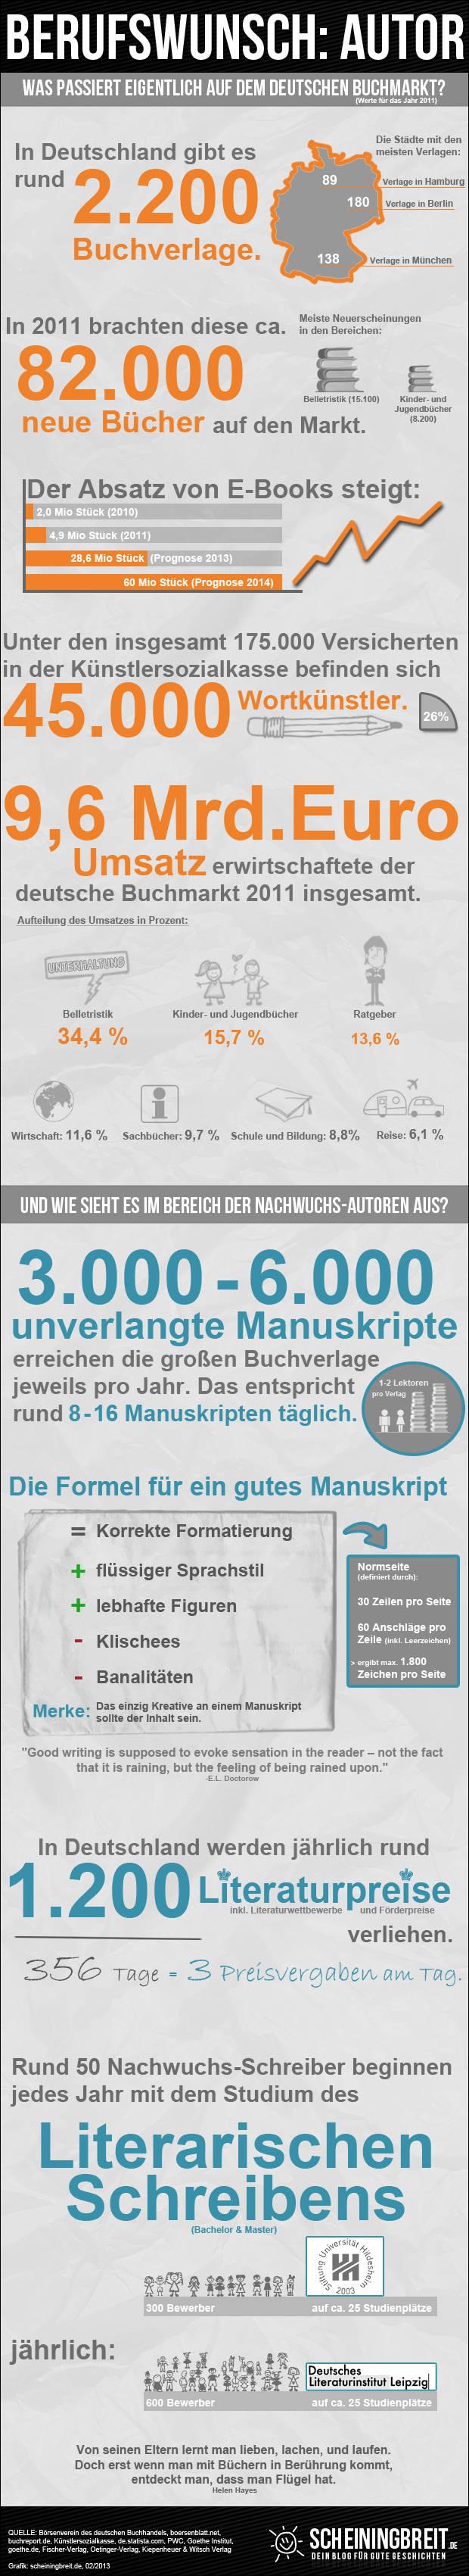 Ein Buch Veröffentlichen Und Drucken Lassen Leselupede